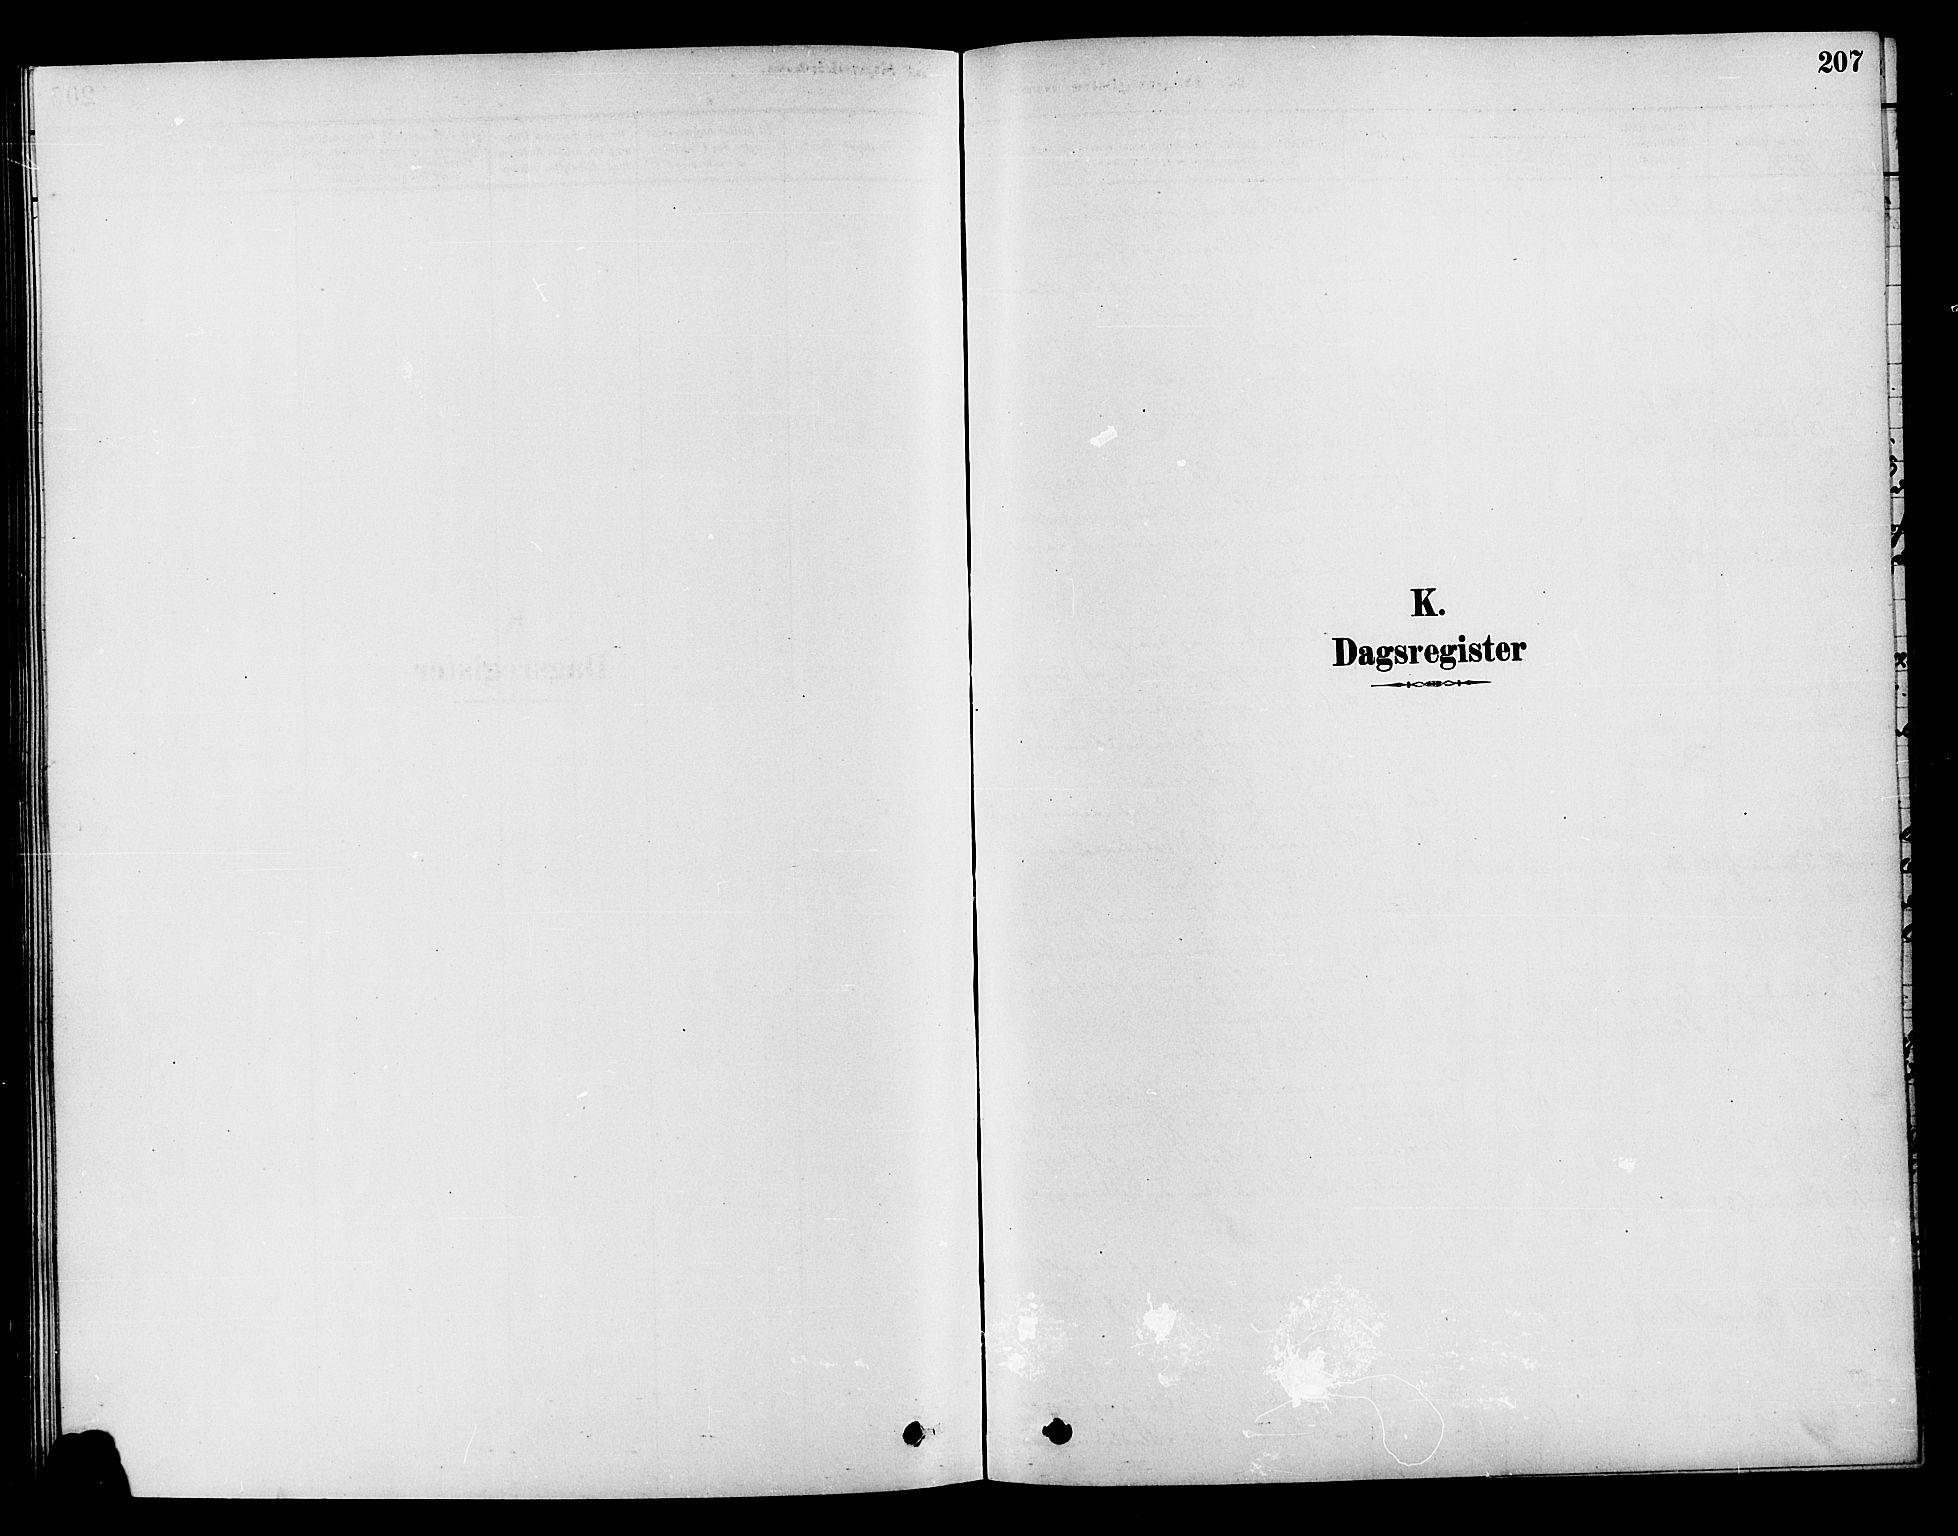 SAH, Søndre Land prestekontor, K/L0002: Ministerialbok nr. 2, 1878-1894, s. 207